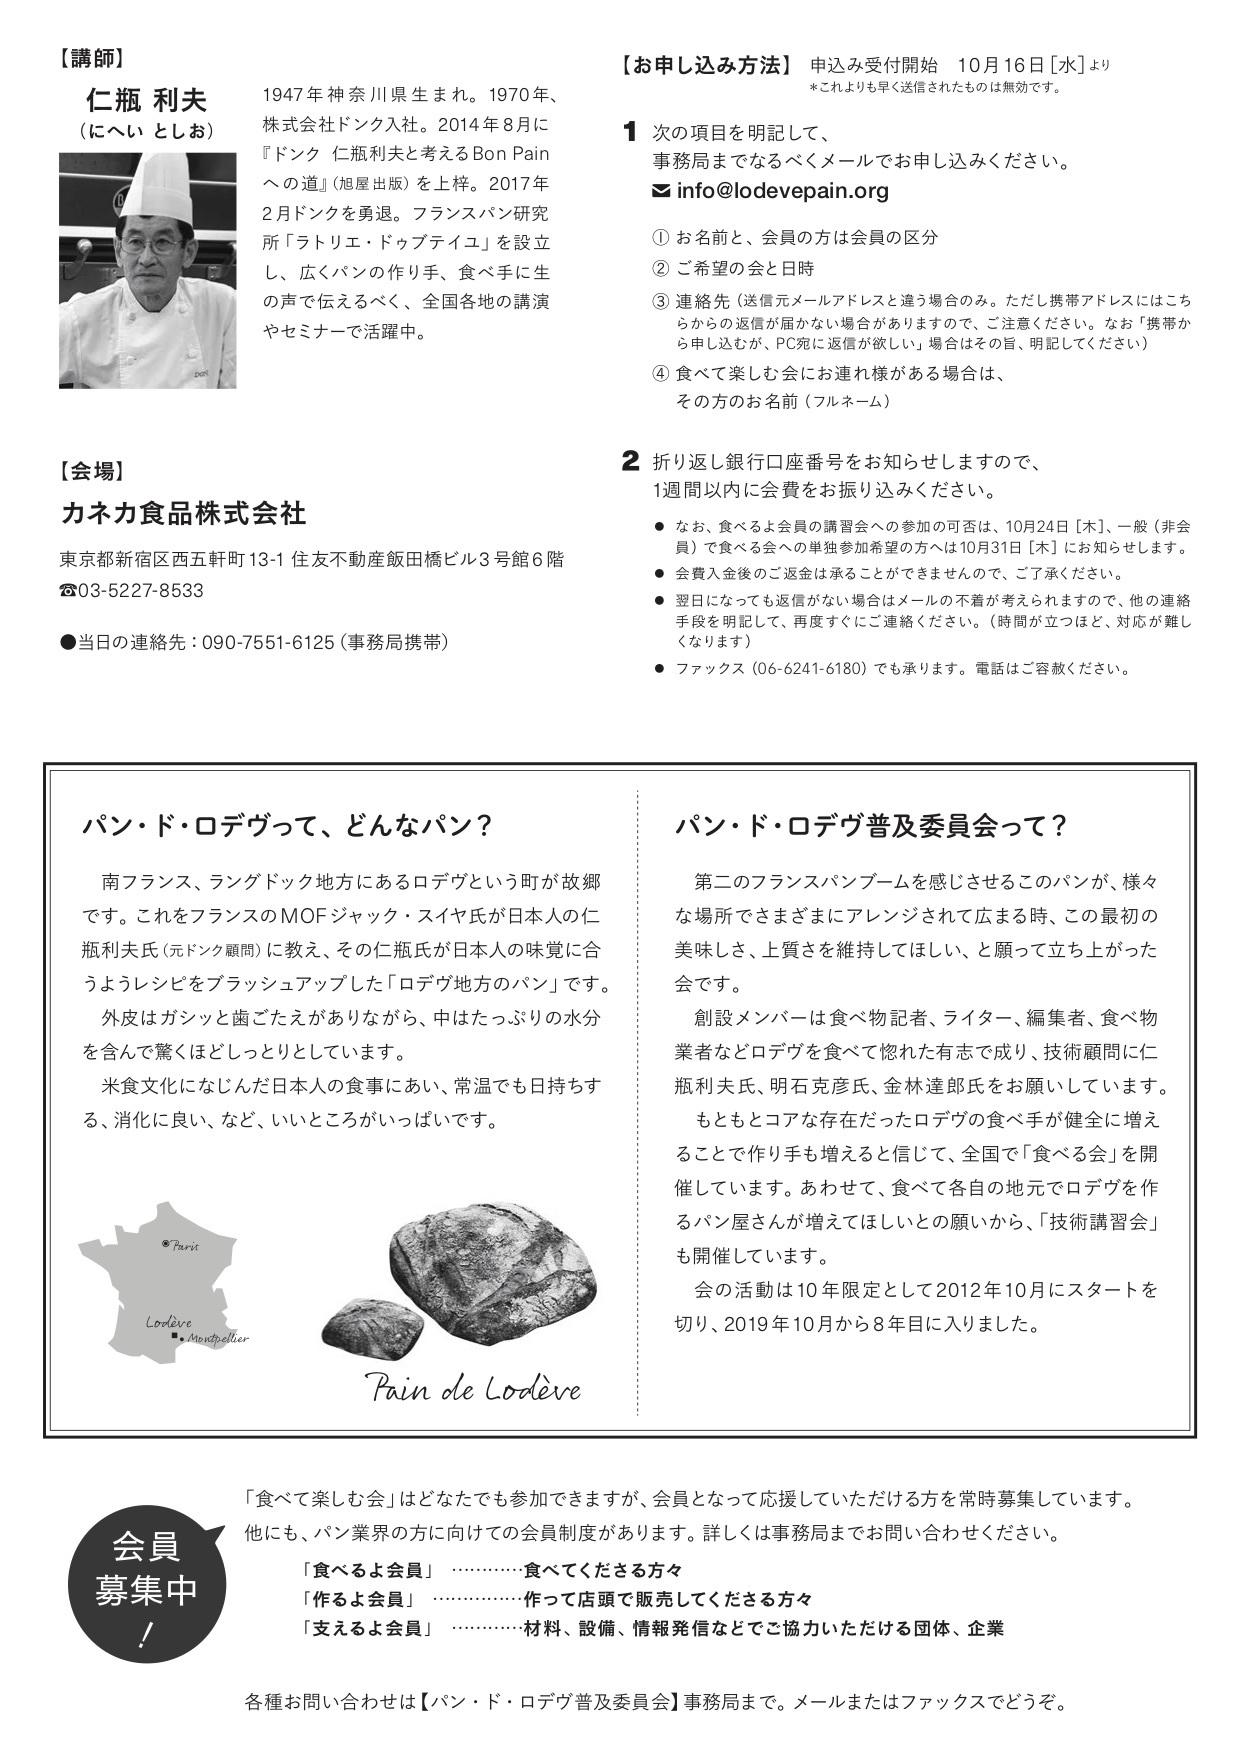 技術講習会と食べて楽しむ会in東京_f0246836_14171723.jpg